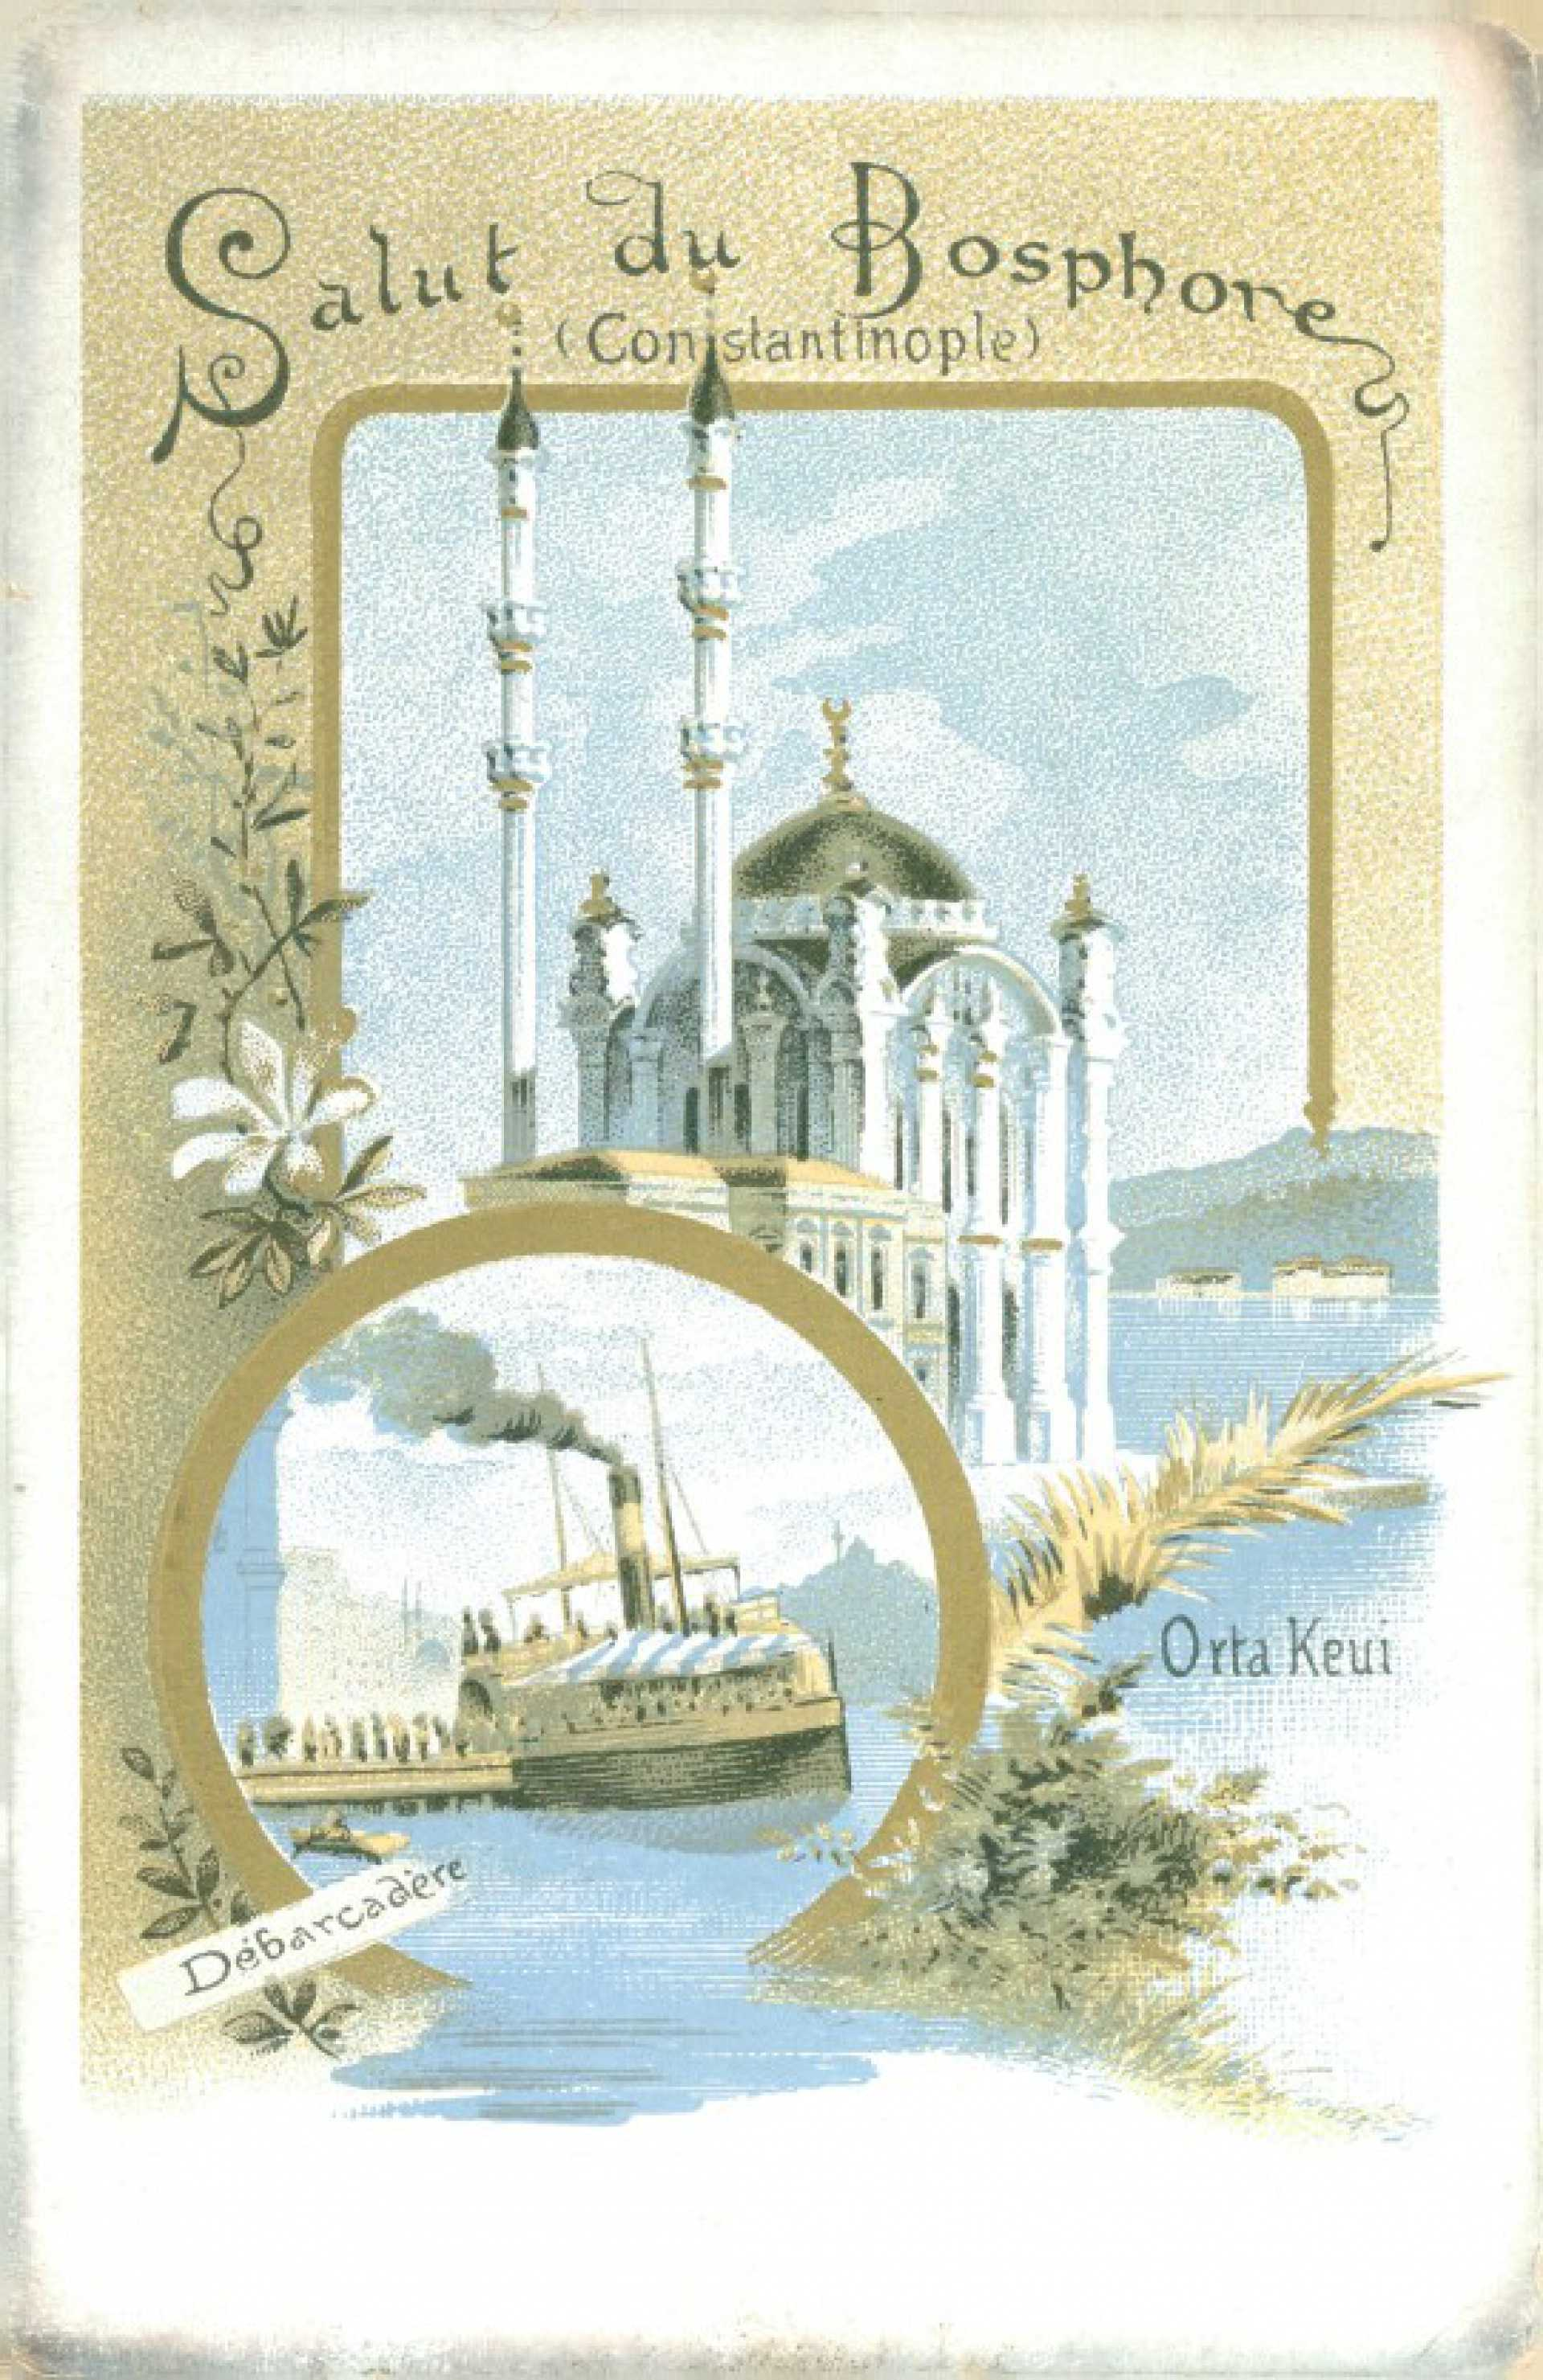 Salut du Bospore(Constantinople) Debarcadere. Orta Keui